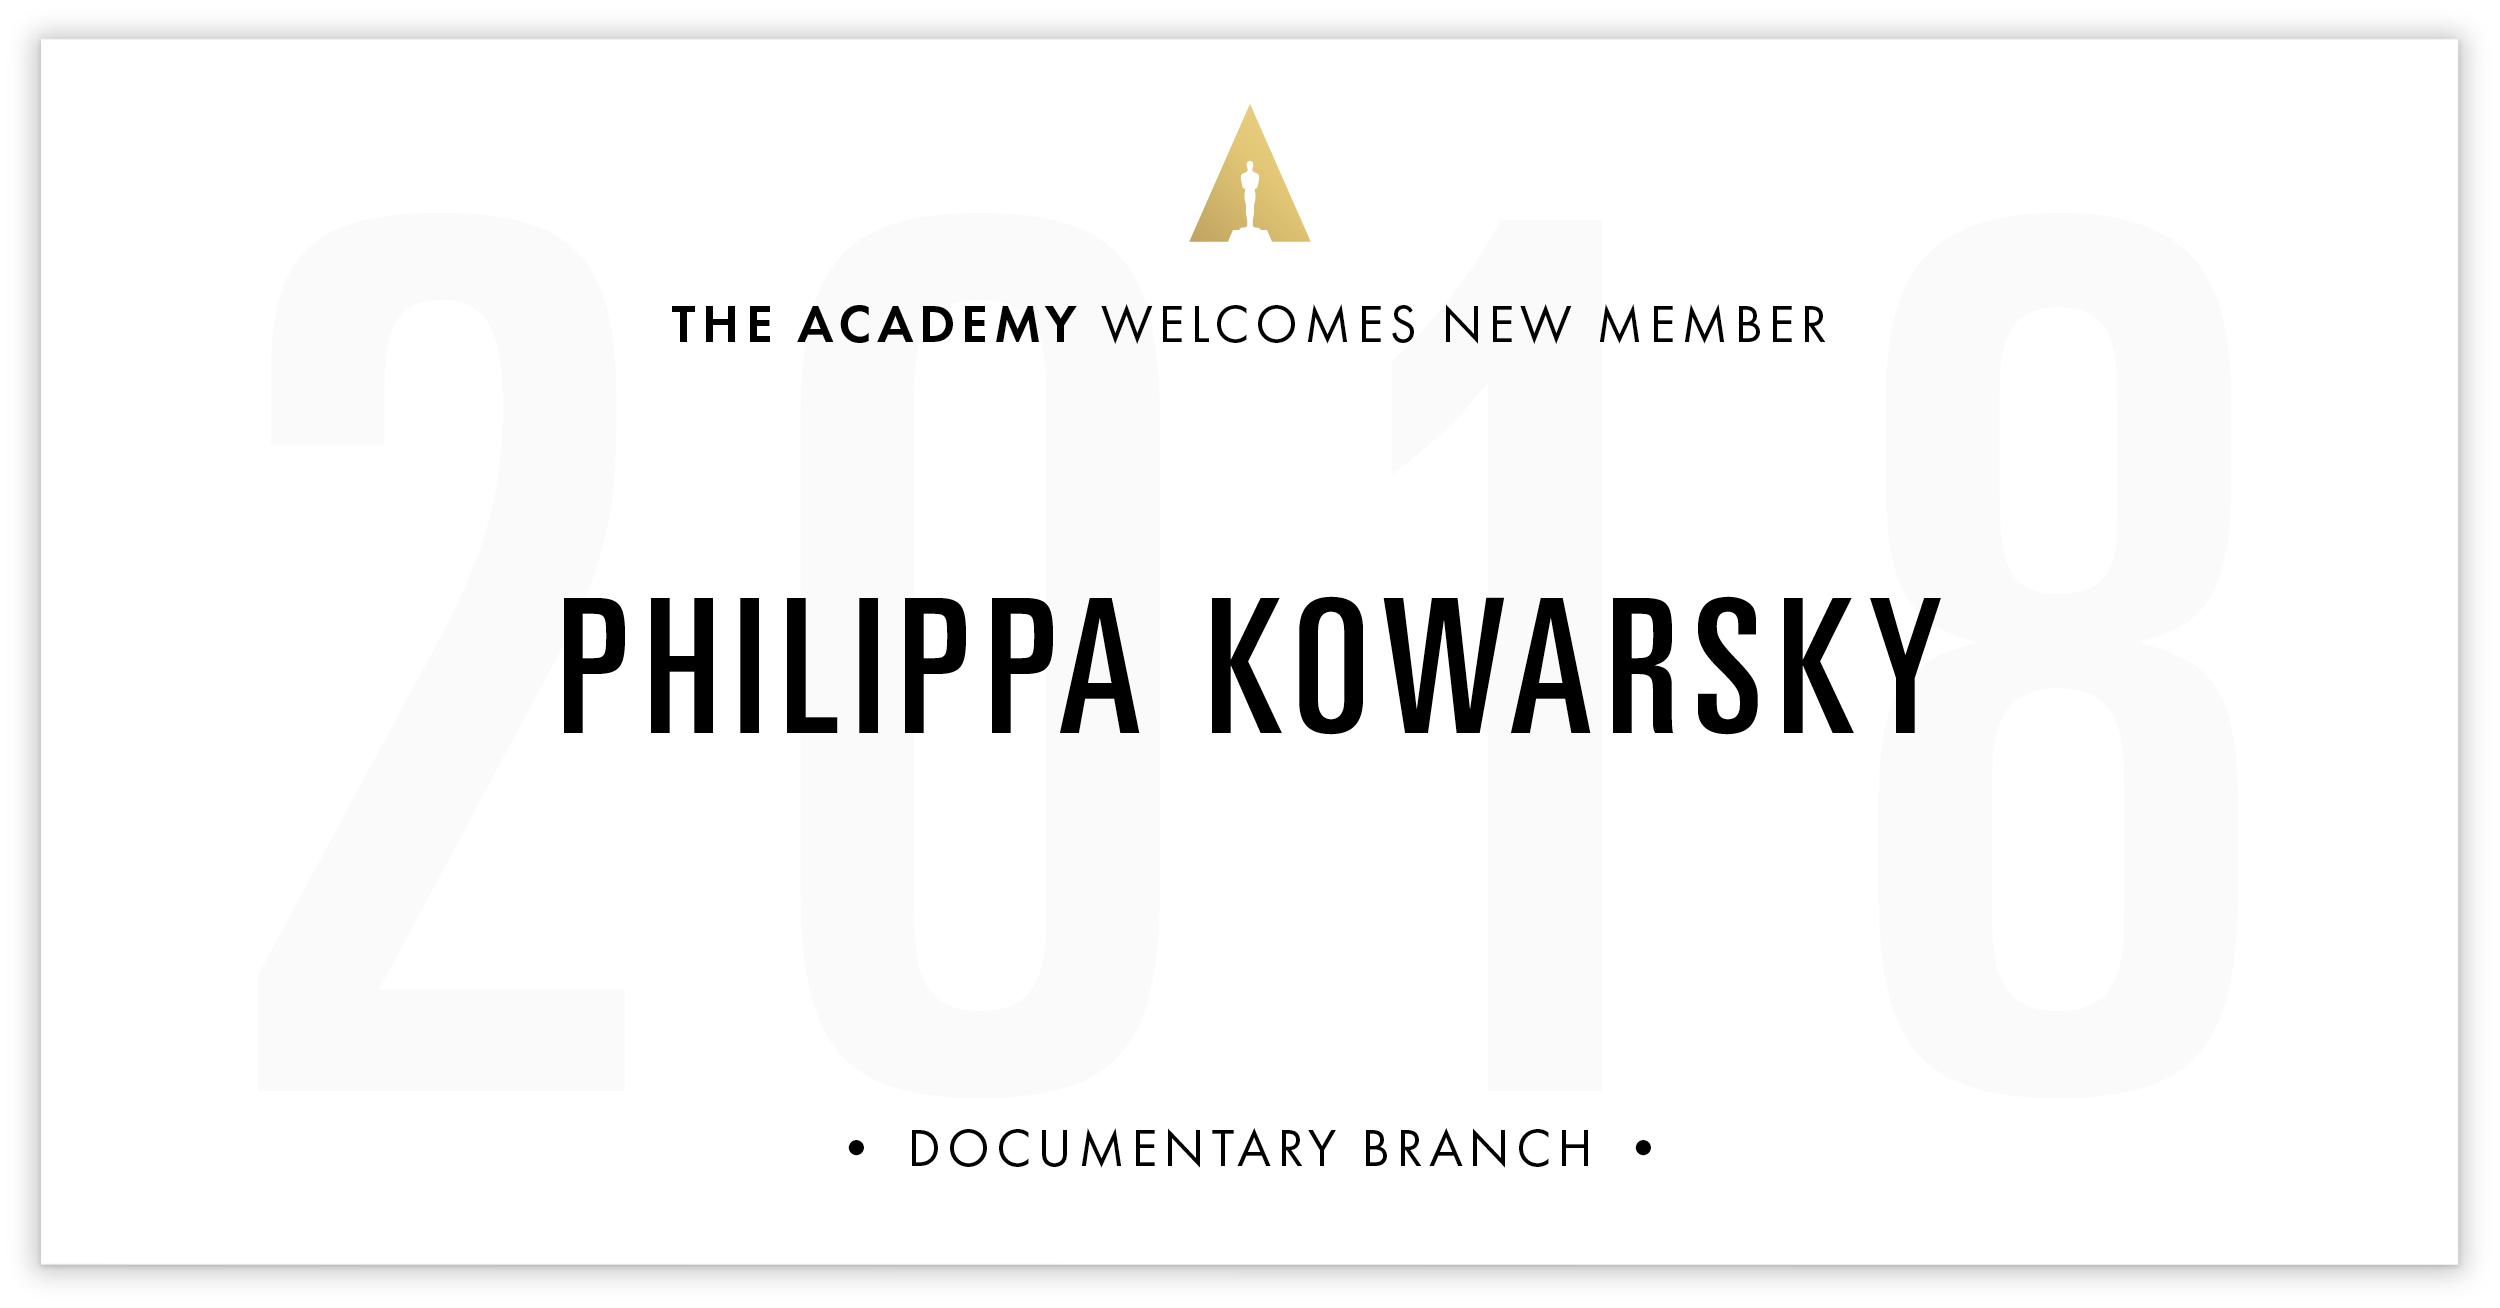 Philippa Kowarsky is invited!